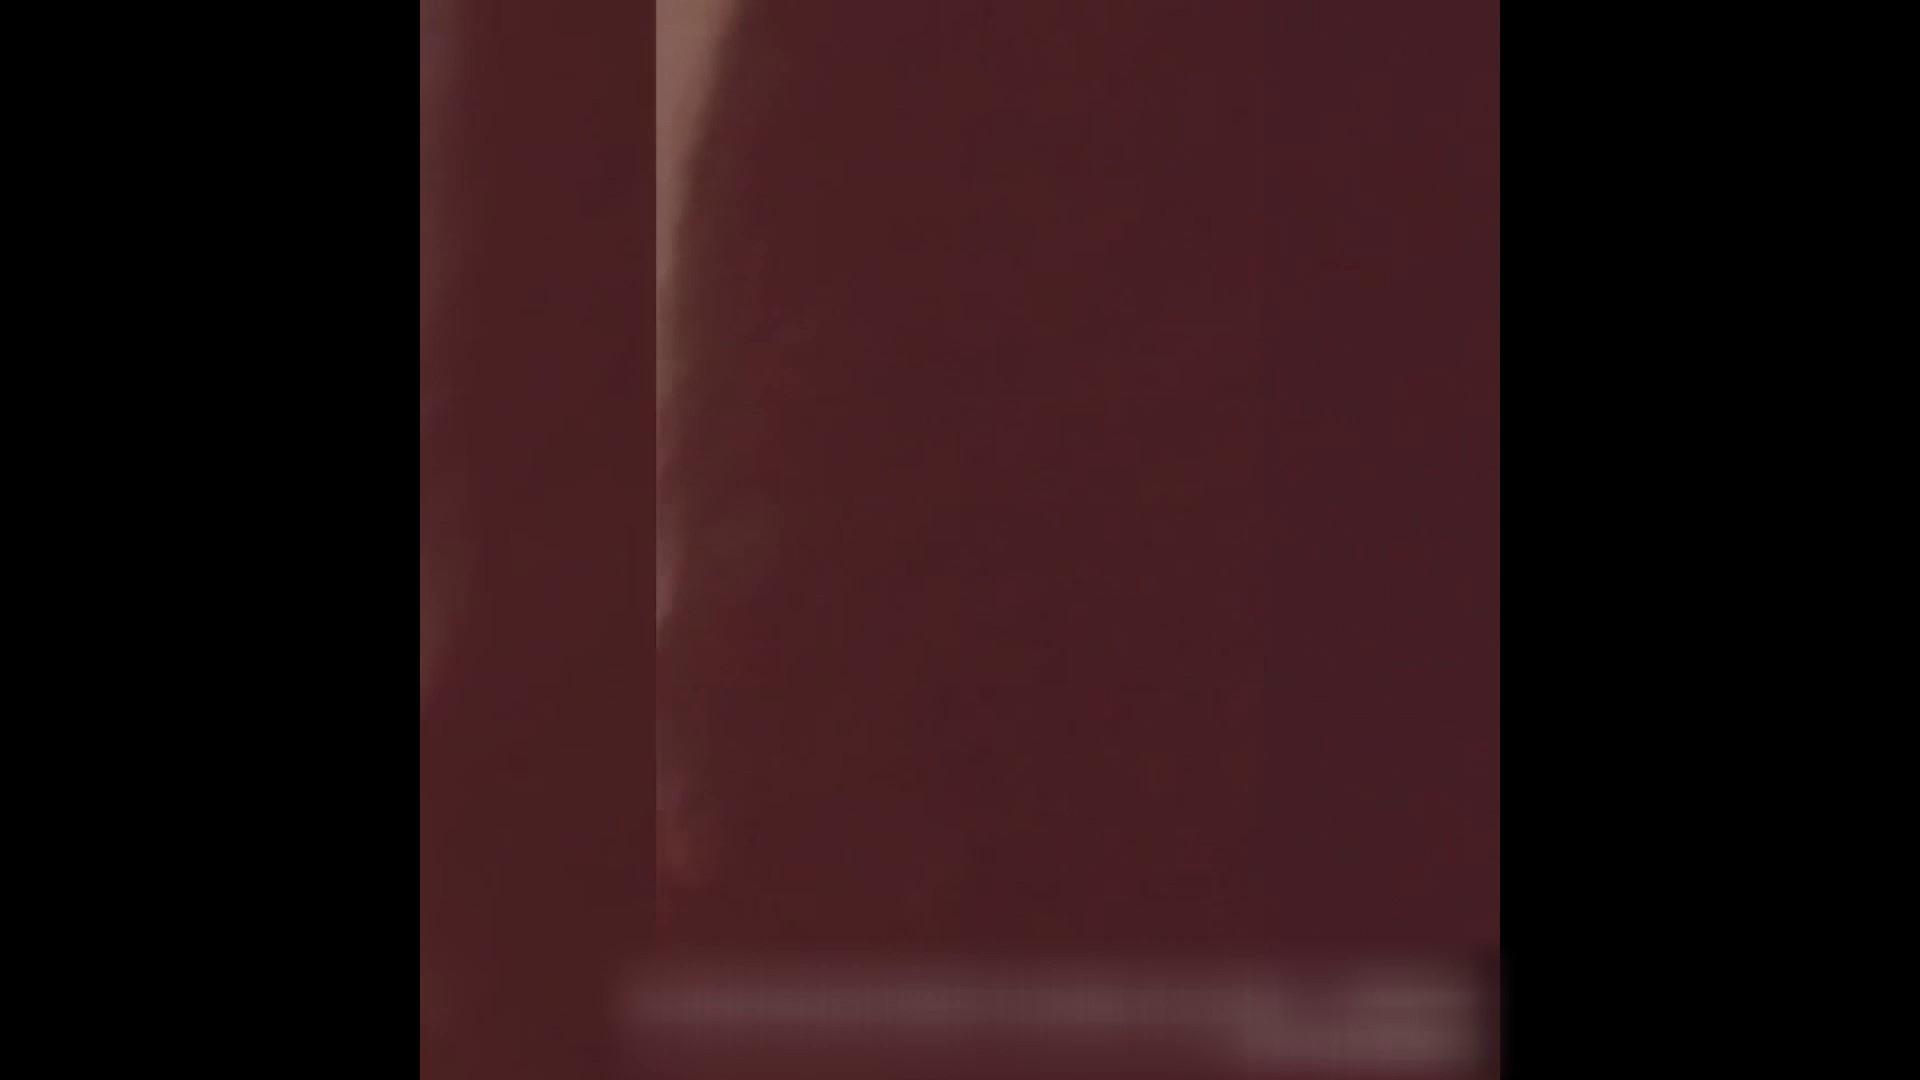 エロいフェラシーンをピックアップvol44 モ無し | 手技 エロビデオ紹介 14連発 2